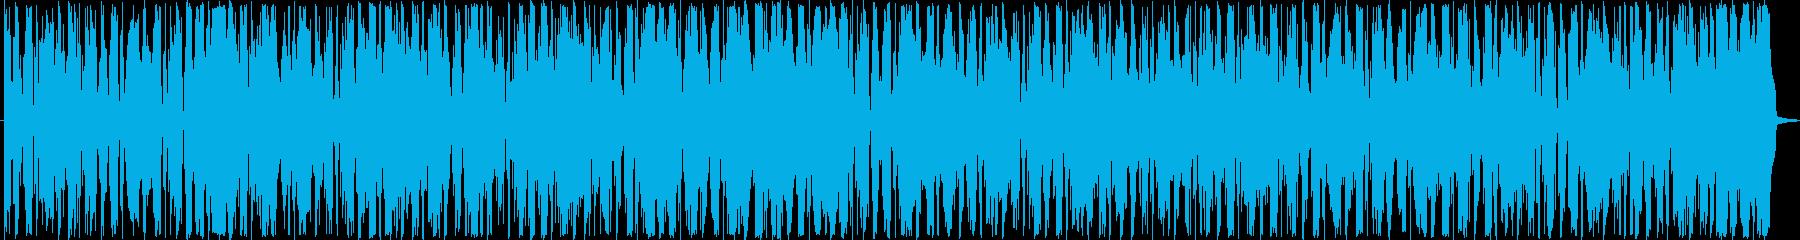 ピアノバー。ソフト、アフタヌーン、お茶の再生済みの波形